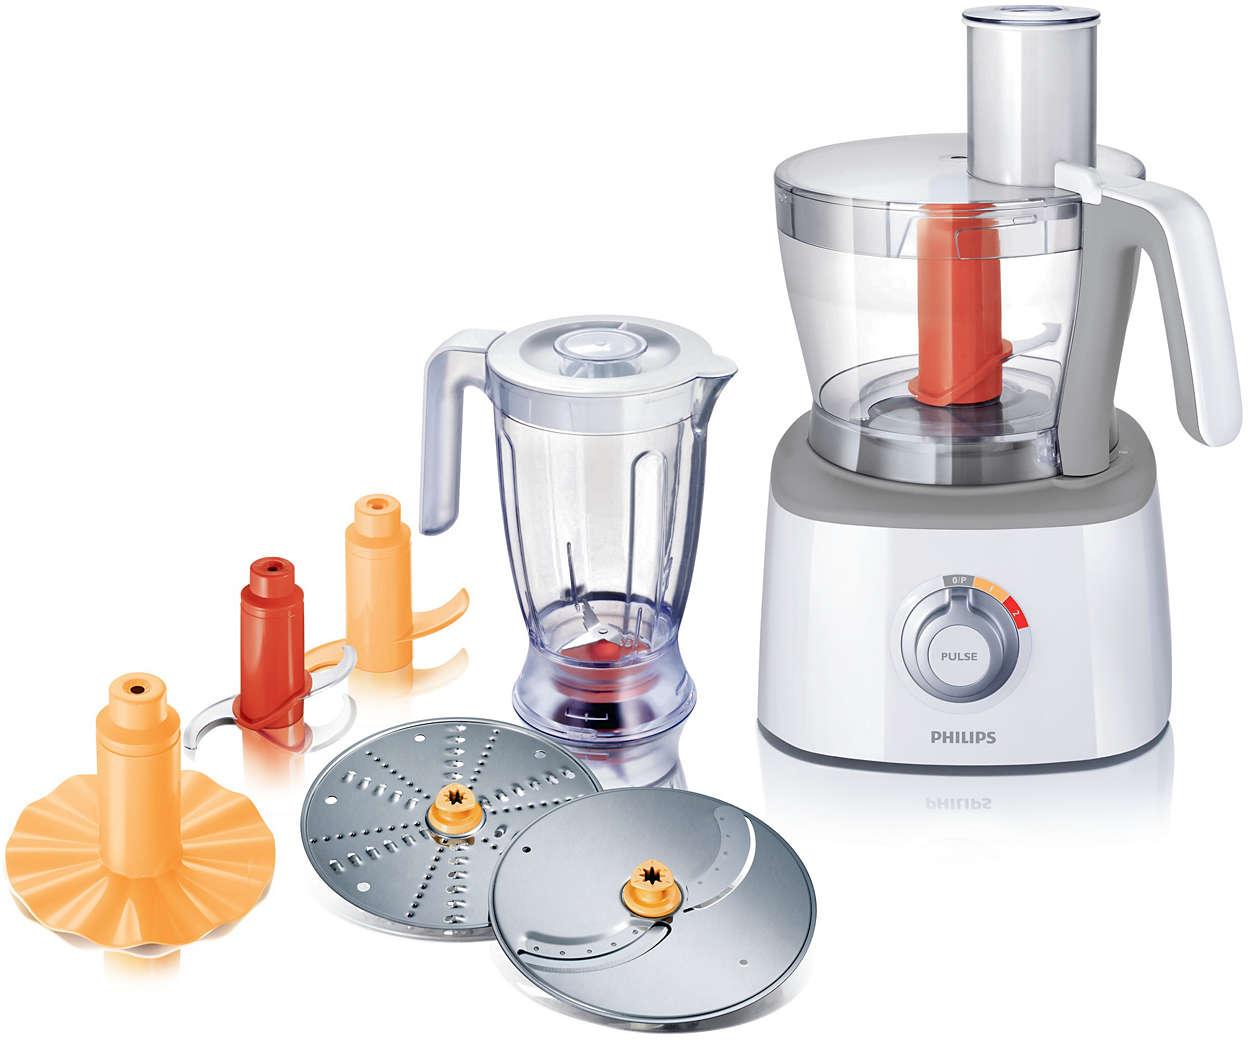 Robot de cuisine hr7771 00 philips for Philips robot de cuisine